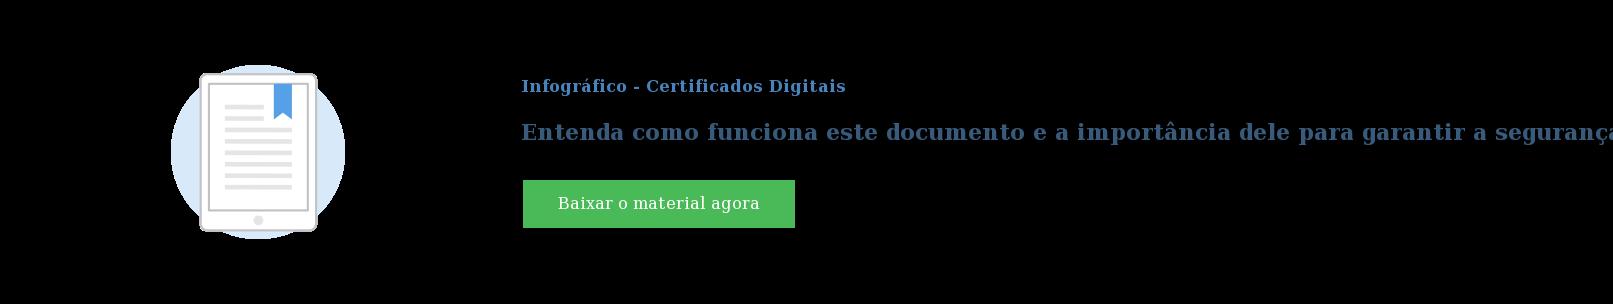 Infográfico - Certificados Digitais  Entenda como funciona este documento e a importância dele para garantir a  segurança nas operações online. Baixar o material agora